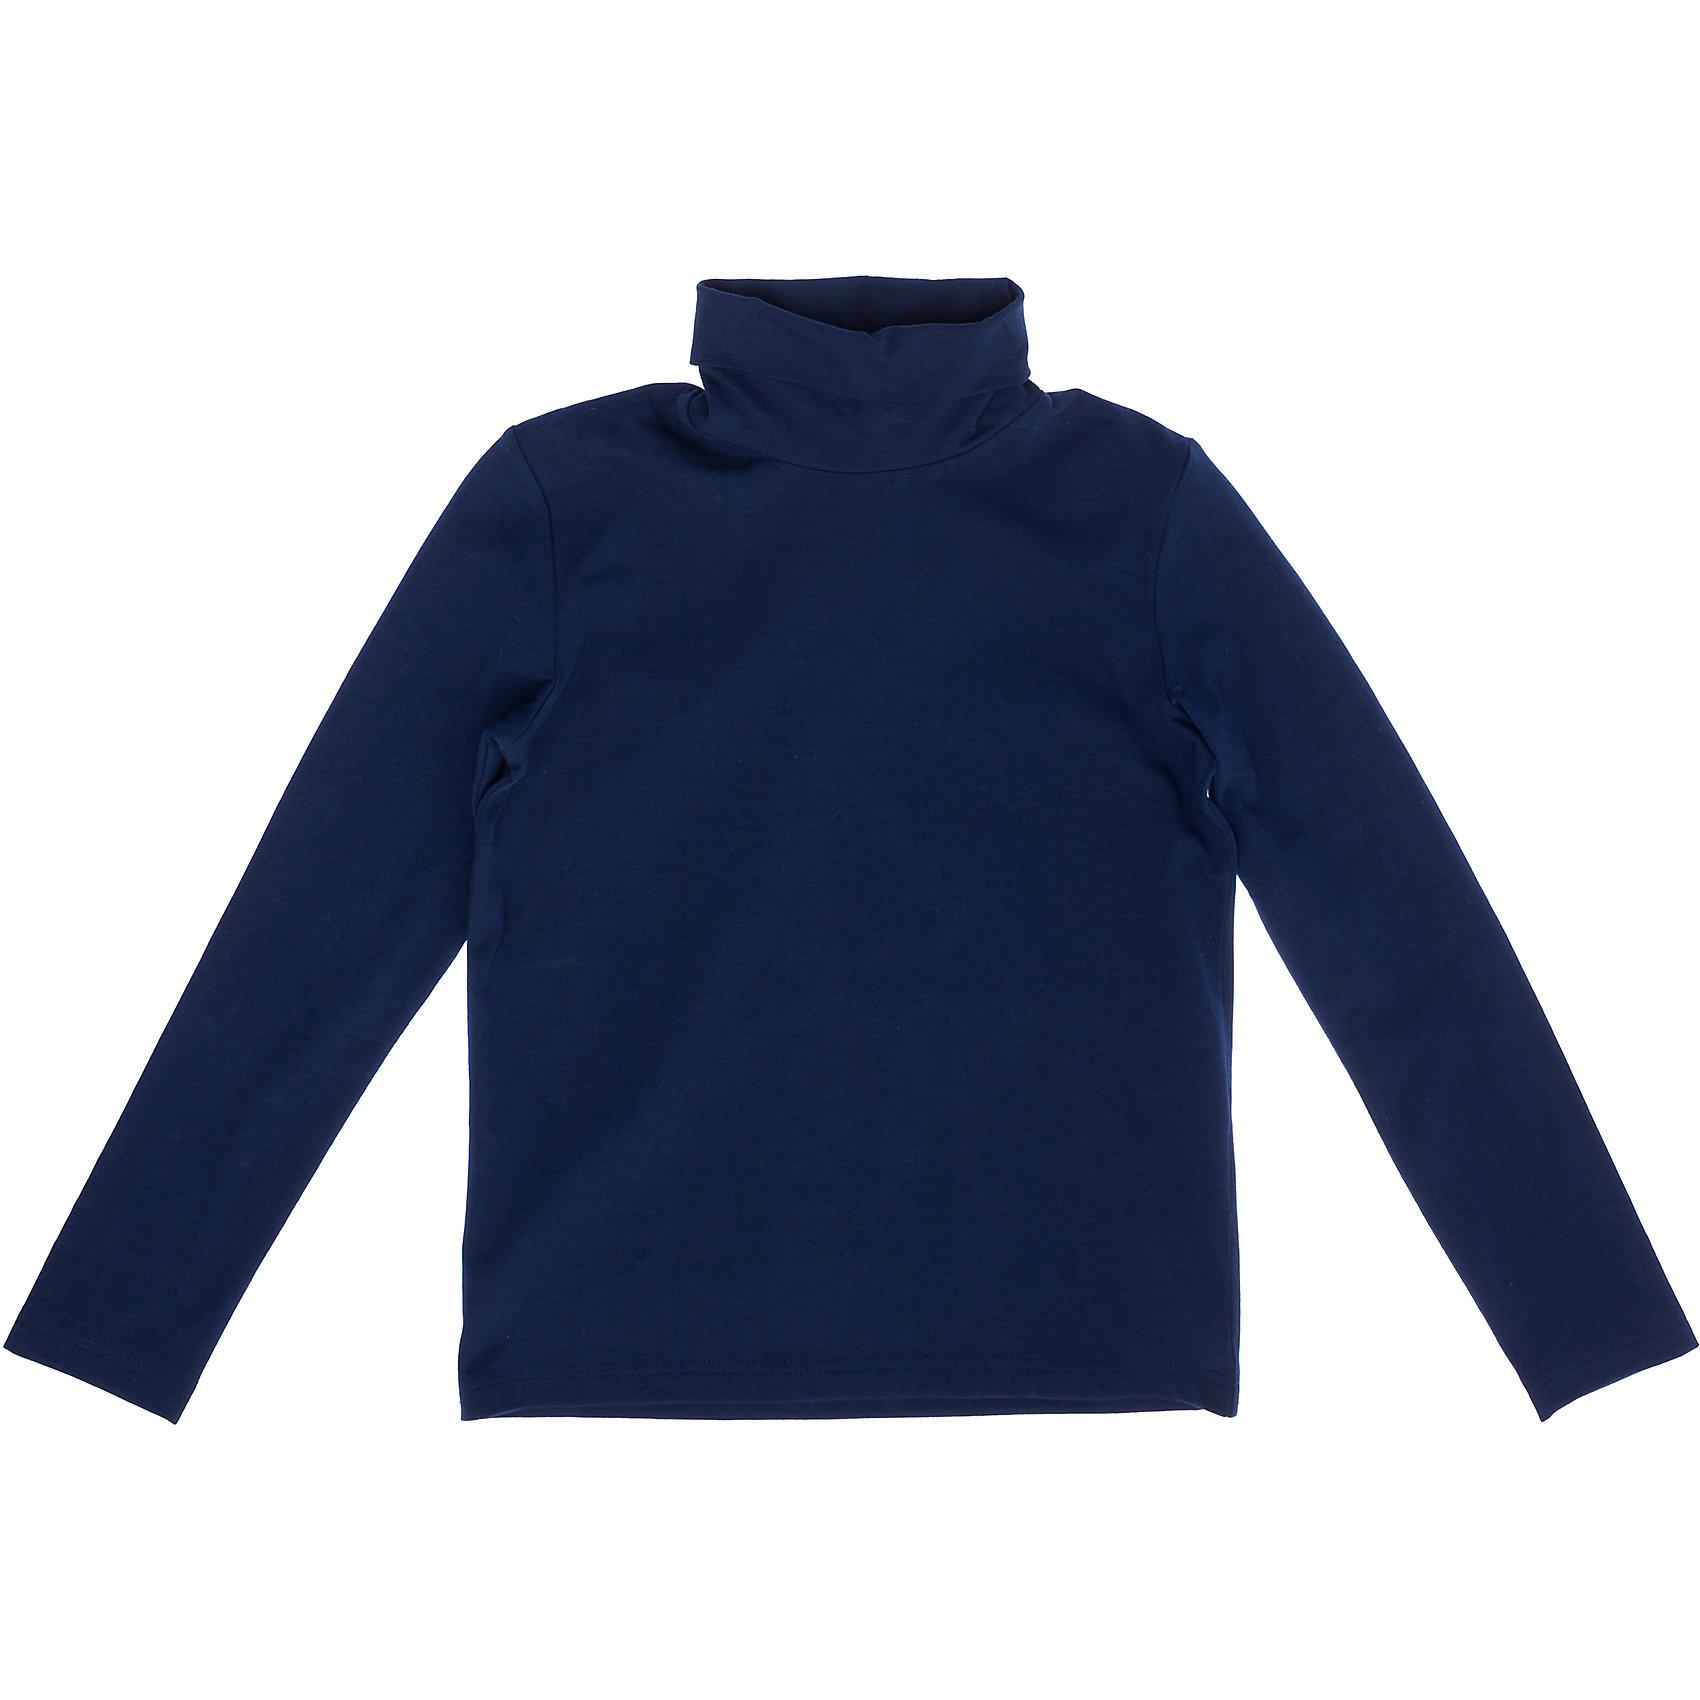 Водолазка для мальчика ScoolВодолазка для мальчика от известного бренда Scool<br>Состав:<br>92% хлопок, 8% эластан<br>Уютная темно-синяя водолазка с высоким воротником. Хорошо смотрится с любыми брюками и джинсами.<br><br>Ширина мм: 230<br>Глубина мм: 40<br>Высота мм: 220<br>Вес г: 250<br>Цвет: полуночно-синий<br>Возраст от месяцев: 84<br>Возраст до месяцев: 96<br>Пол: Мужской<br>Возраст: Детский<br>Размер: 122,134,140,152,158,164,128,146<br>SKU: 4686775